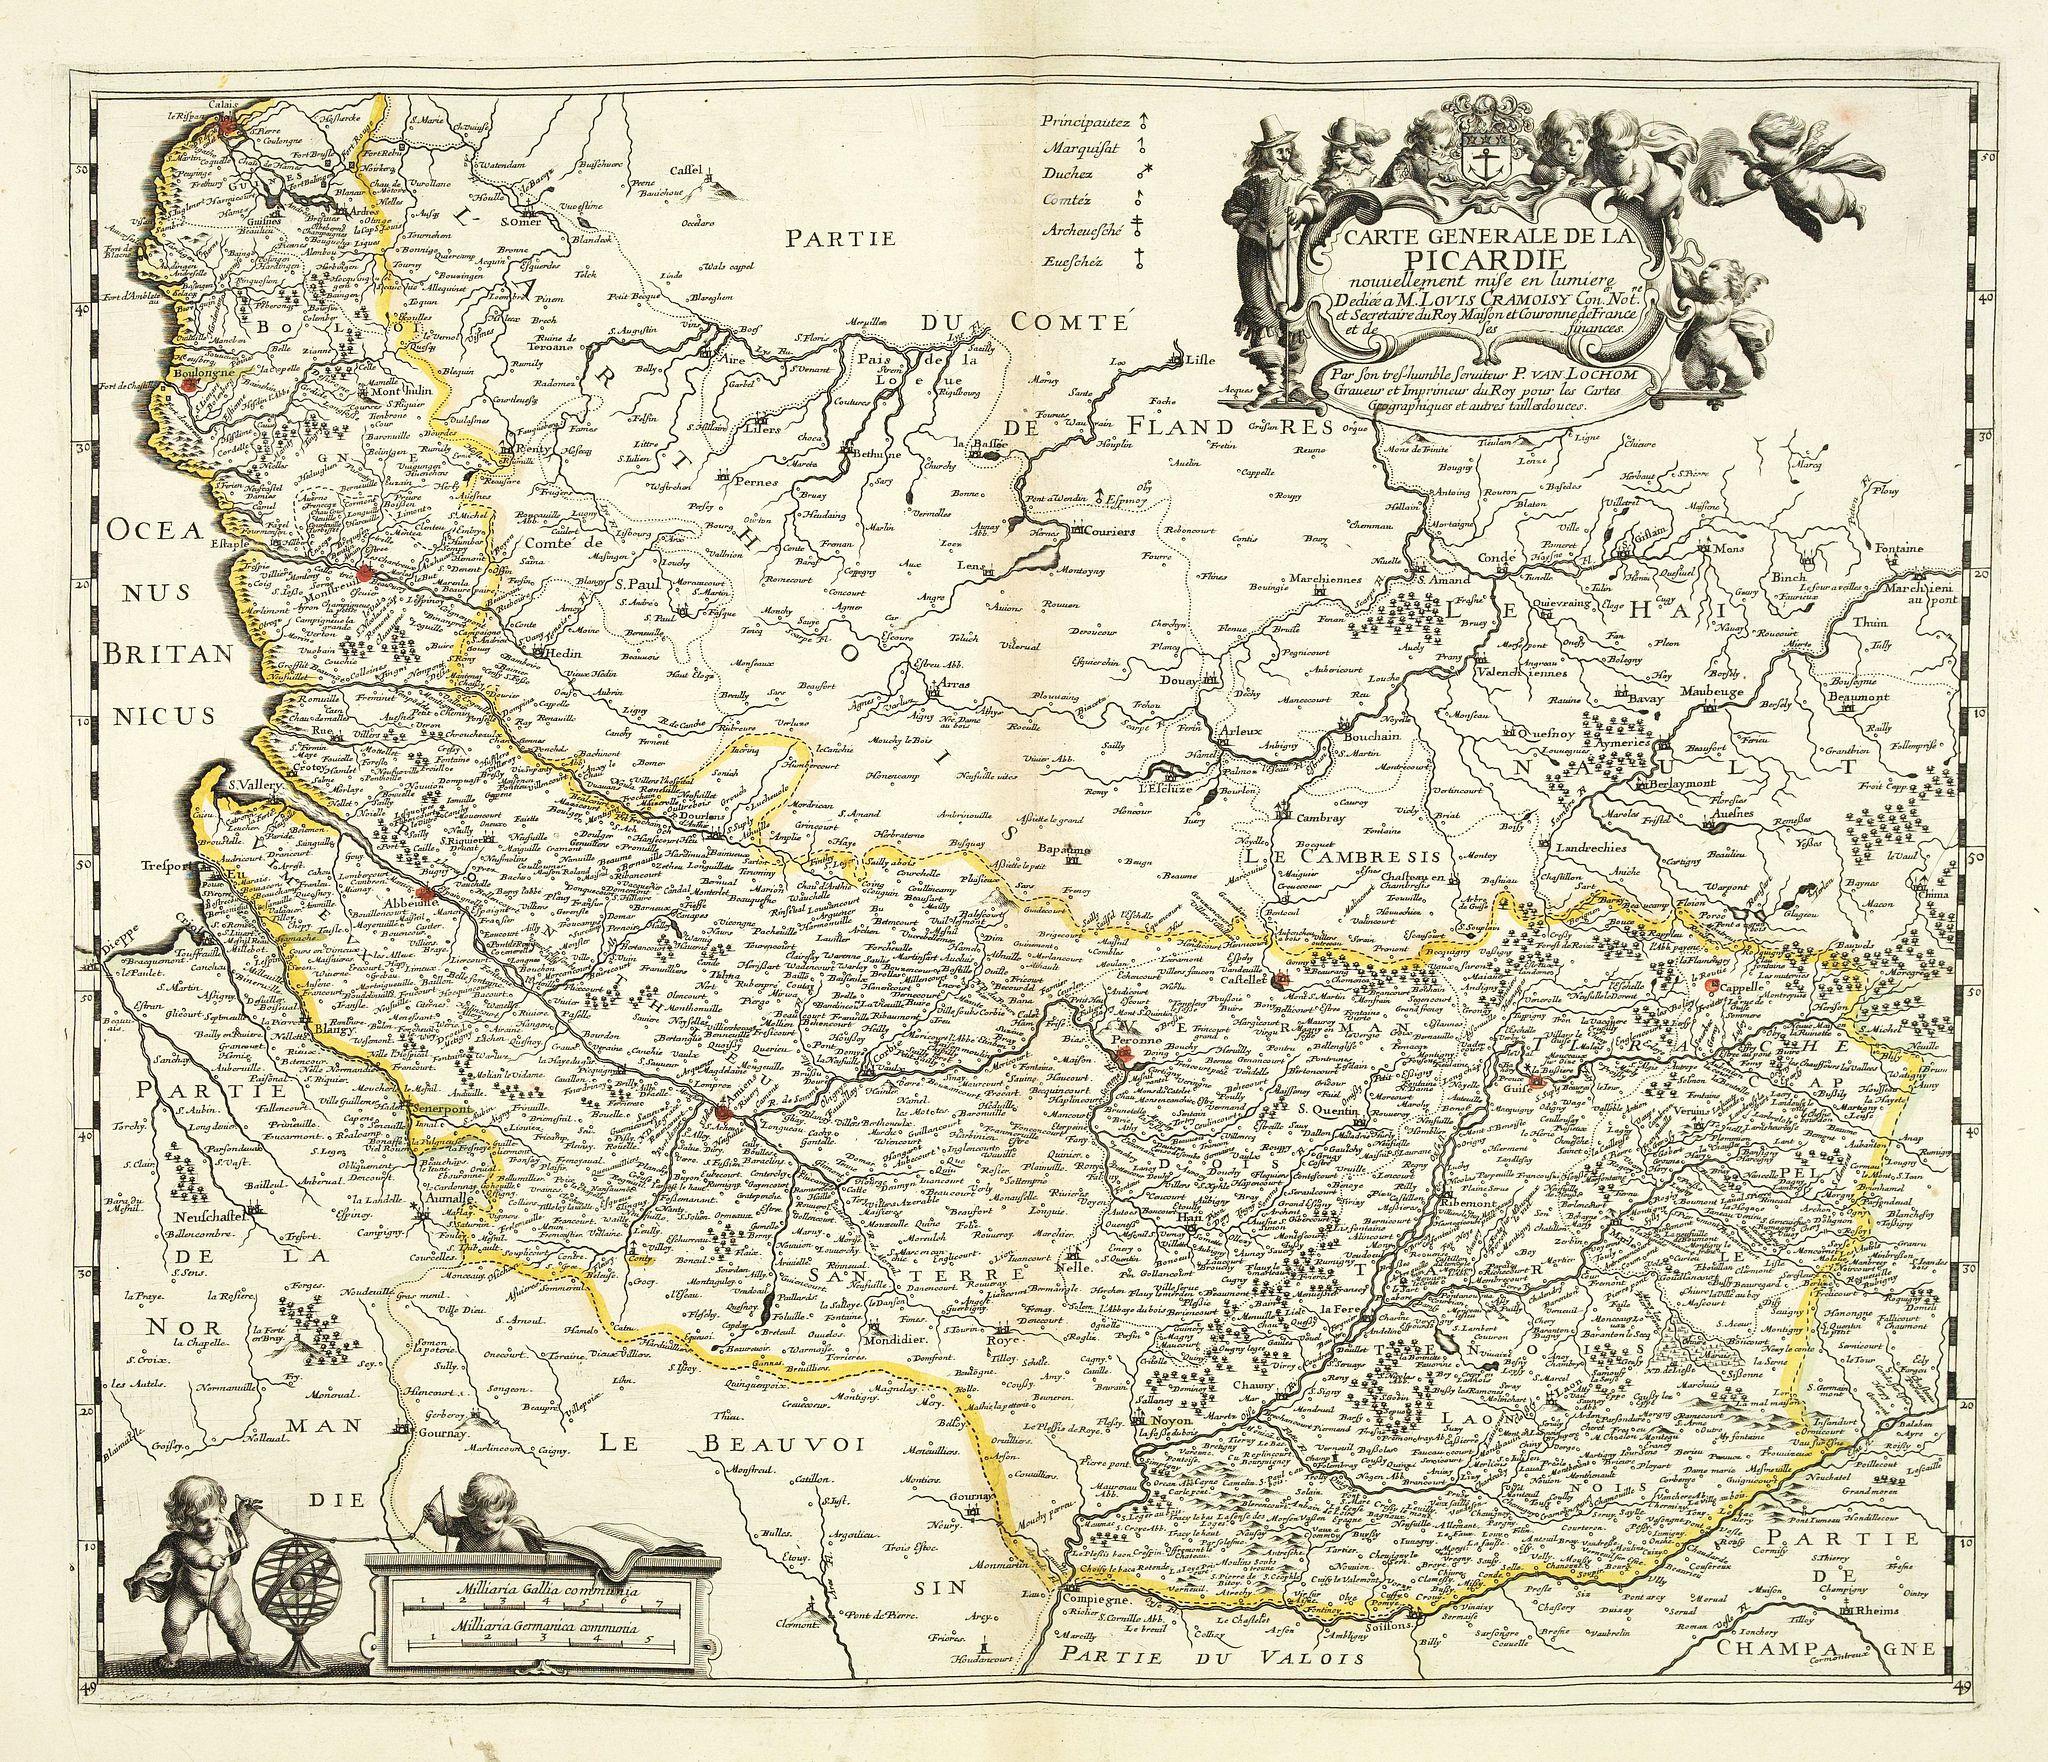 VAN LOCHOM, P. -  Carte générale de la Picardie nouvellement mise en lumiere. . .